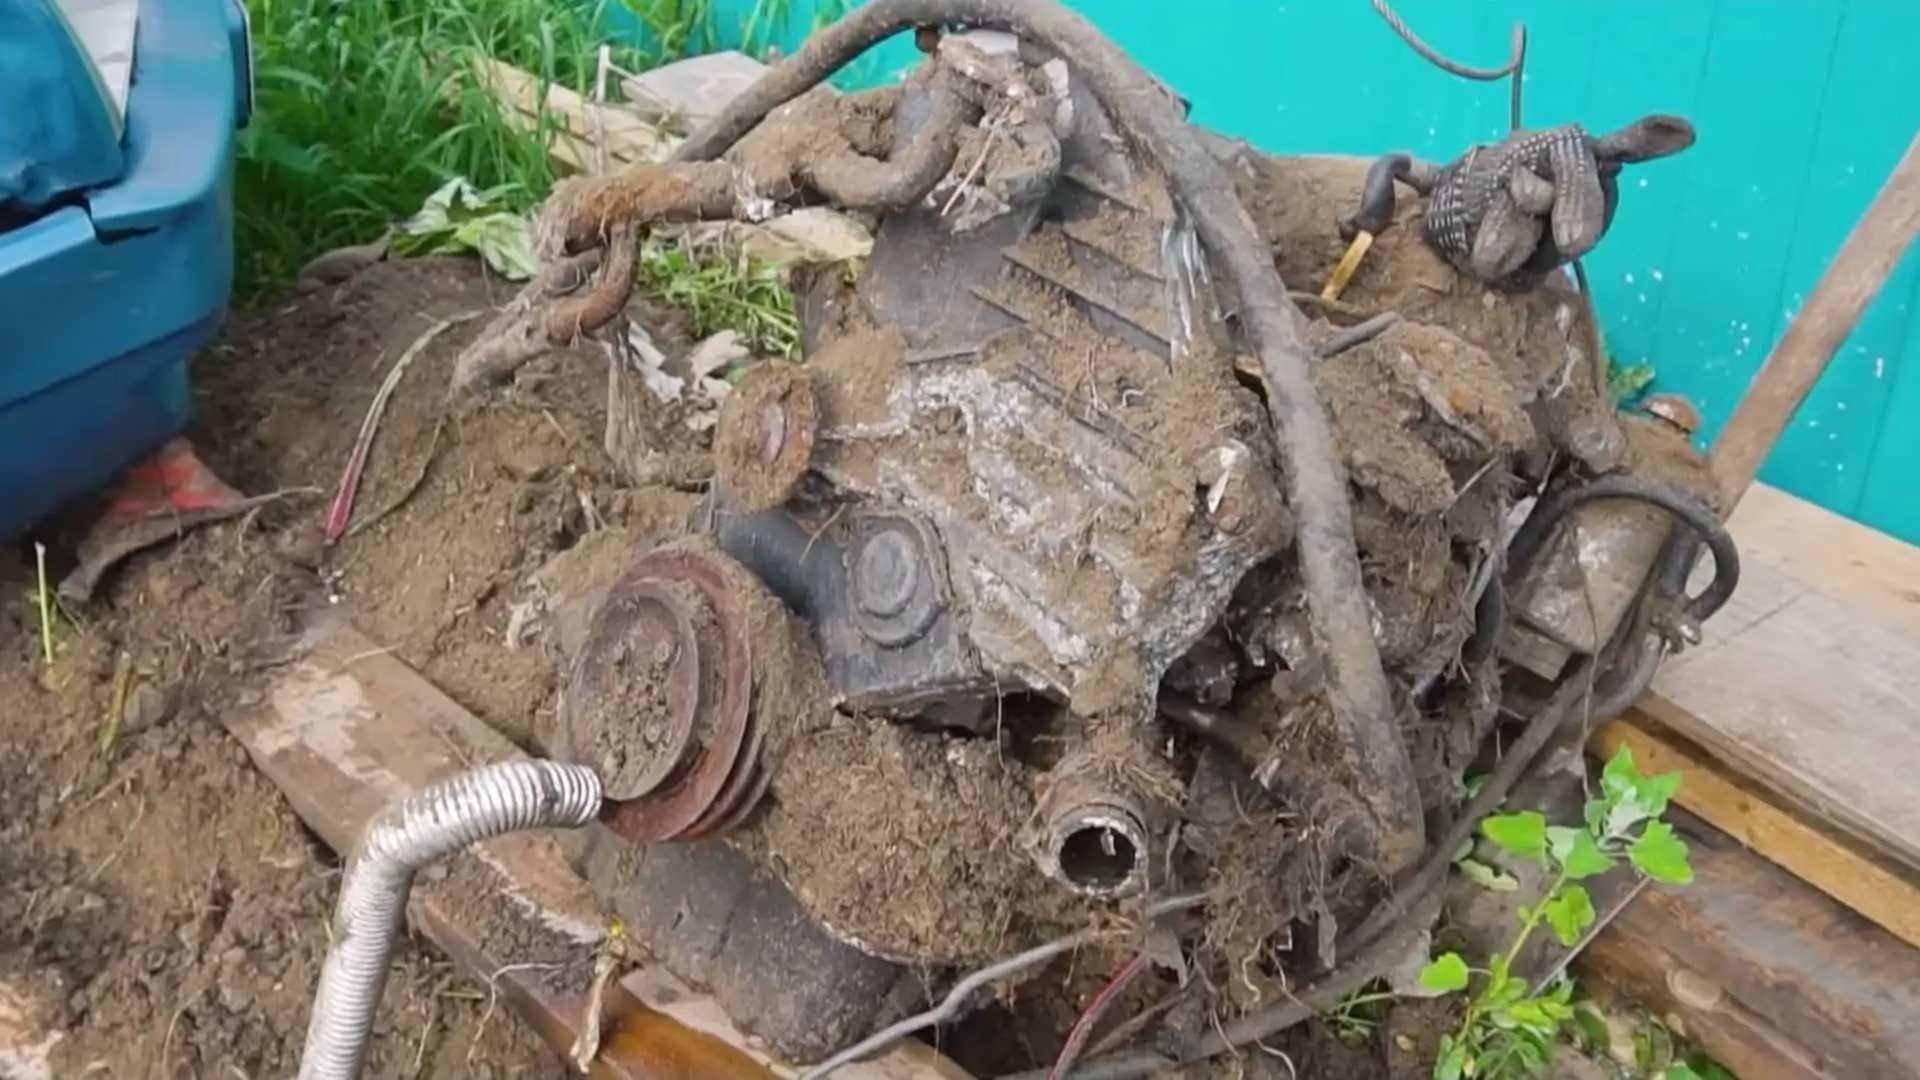 Ce moteur Toyota enterré il y a 1 an va-t-il redémarrer ?